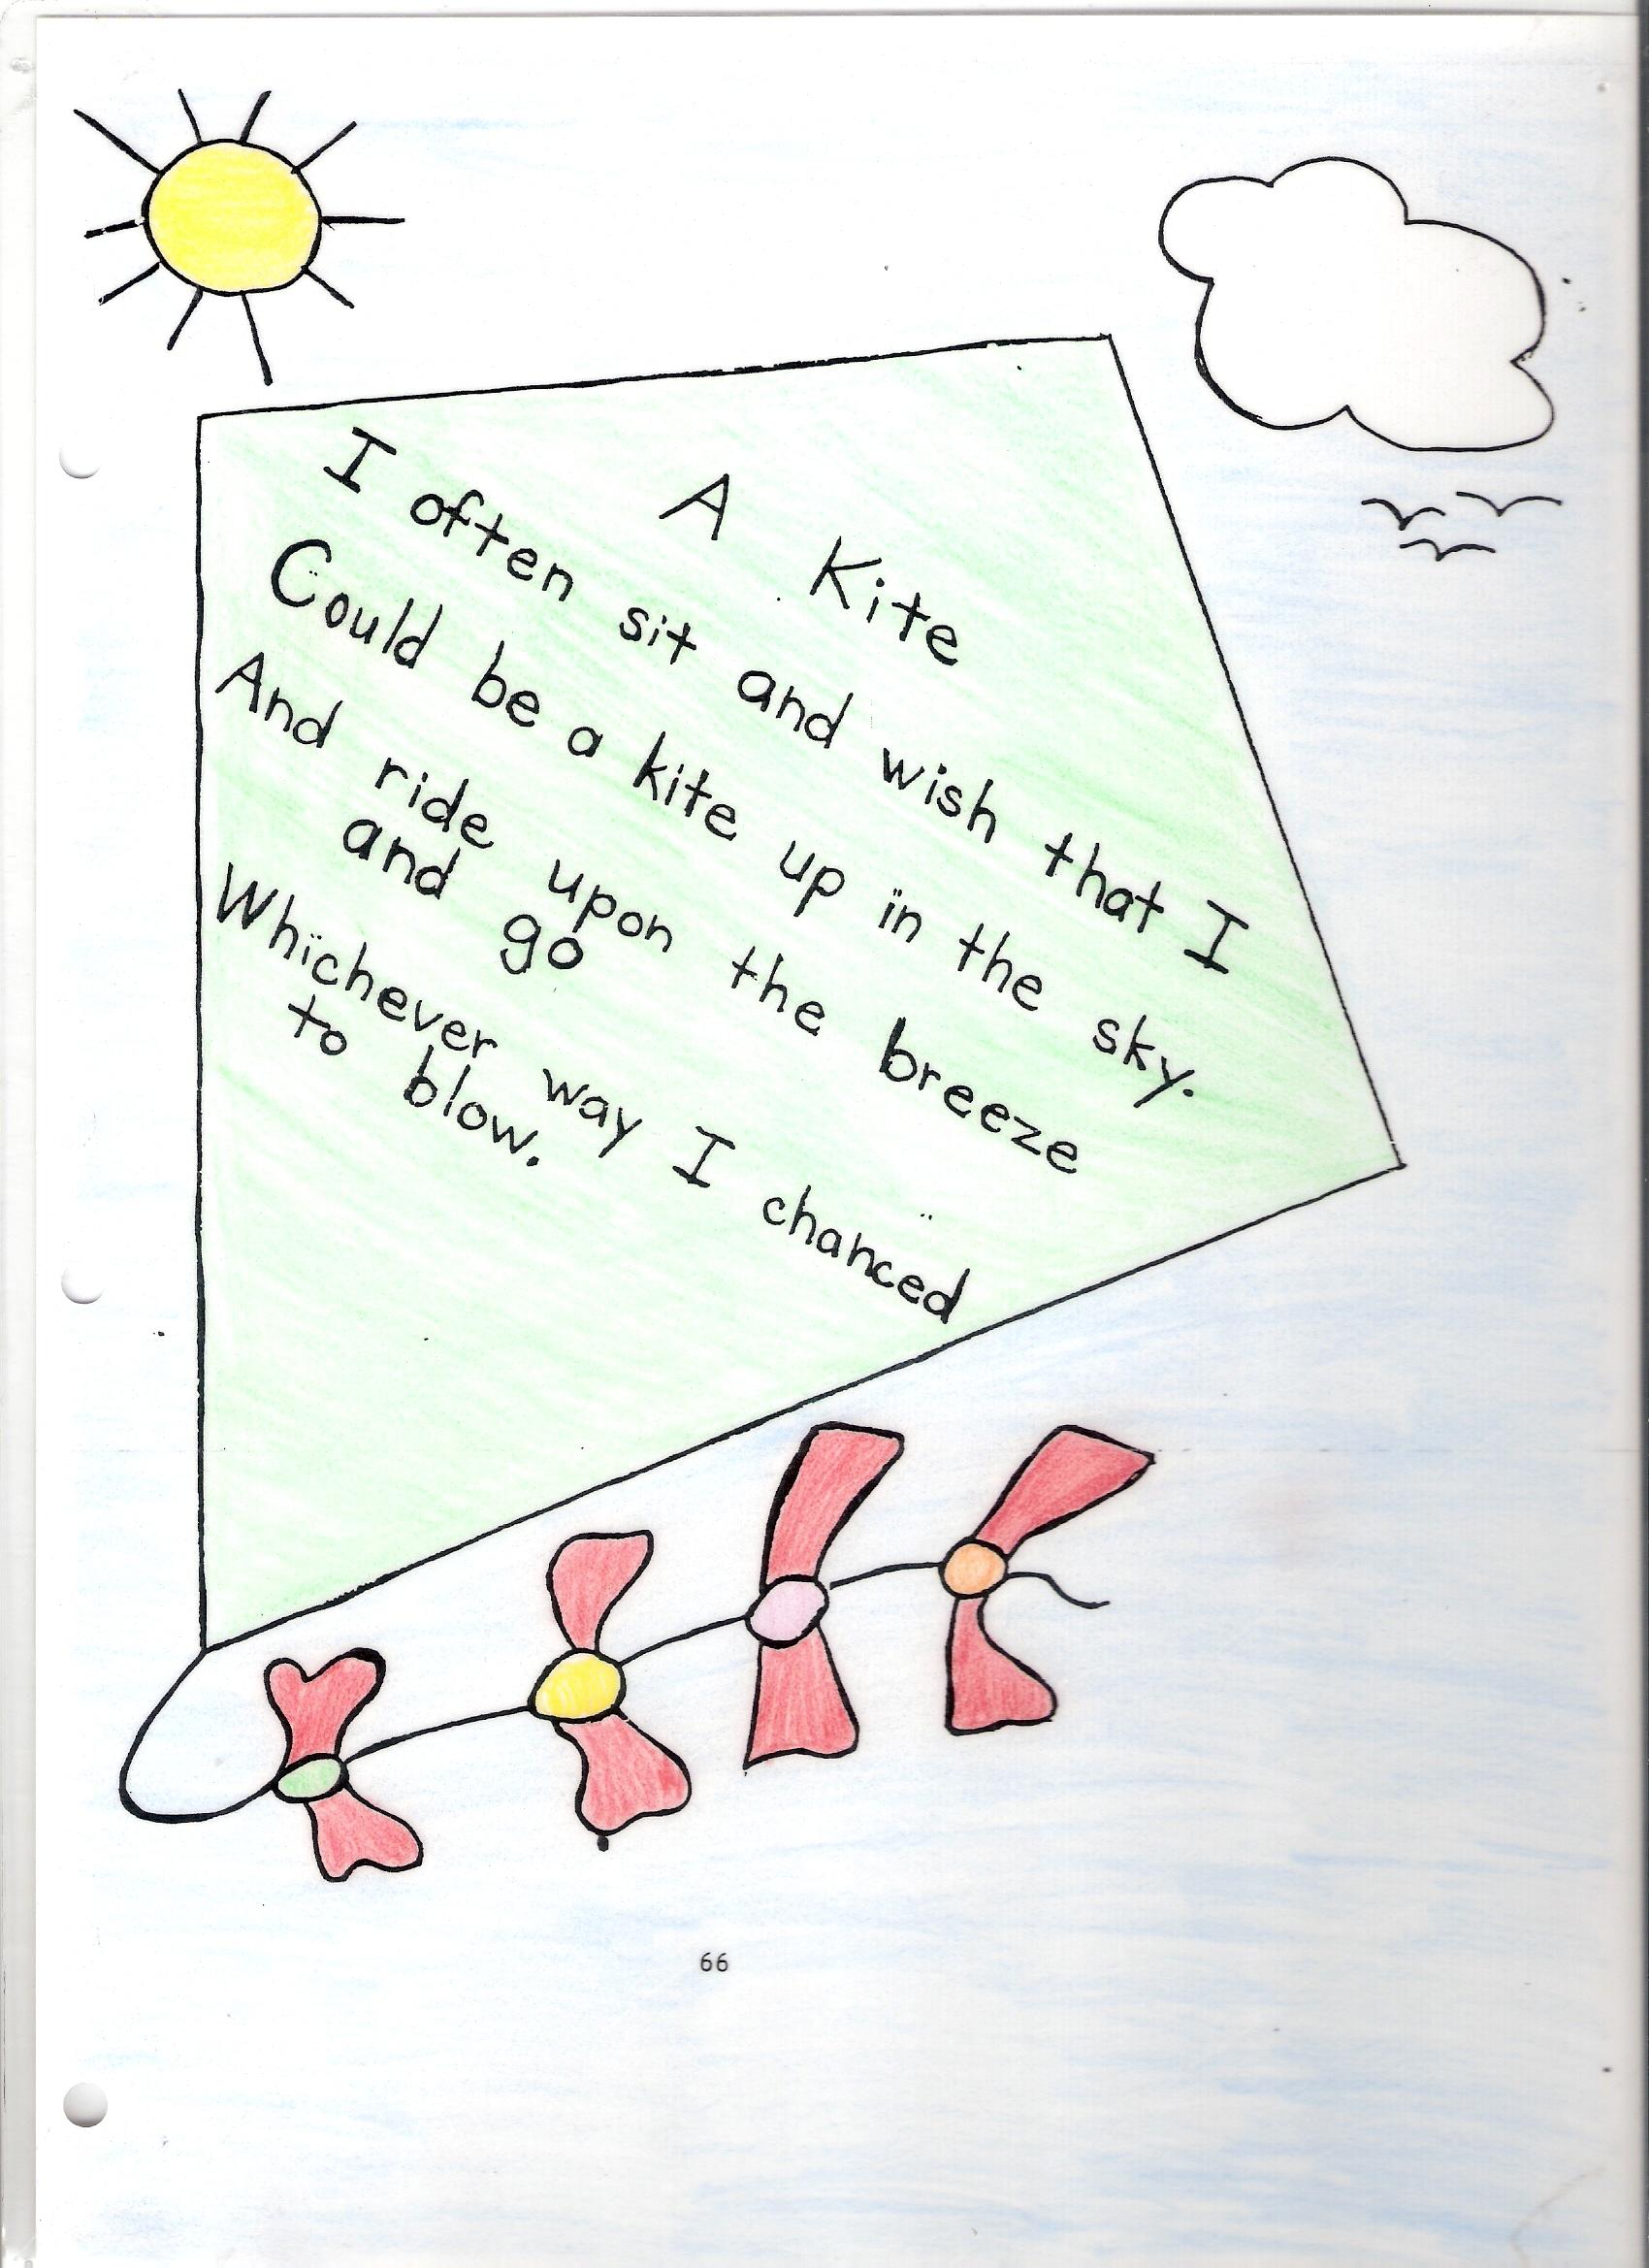 Kites Worksheet